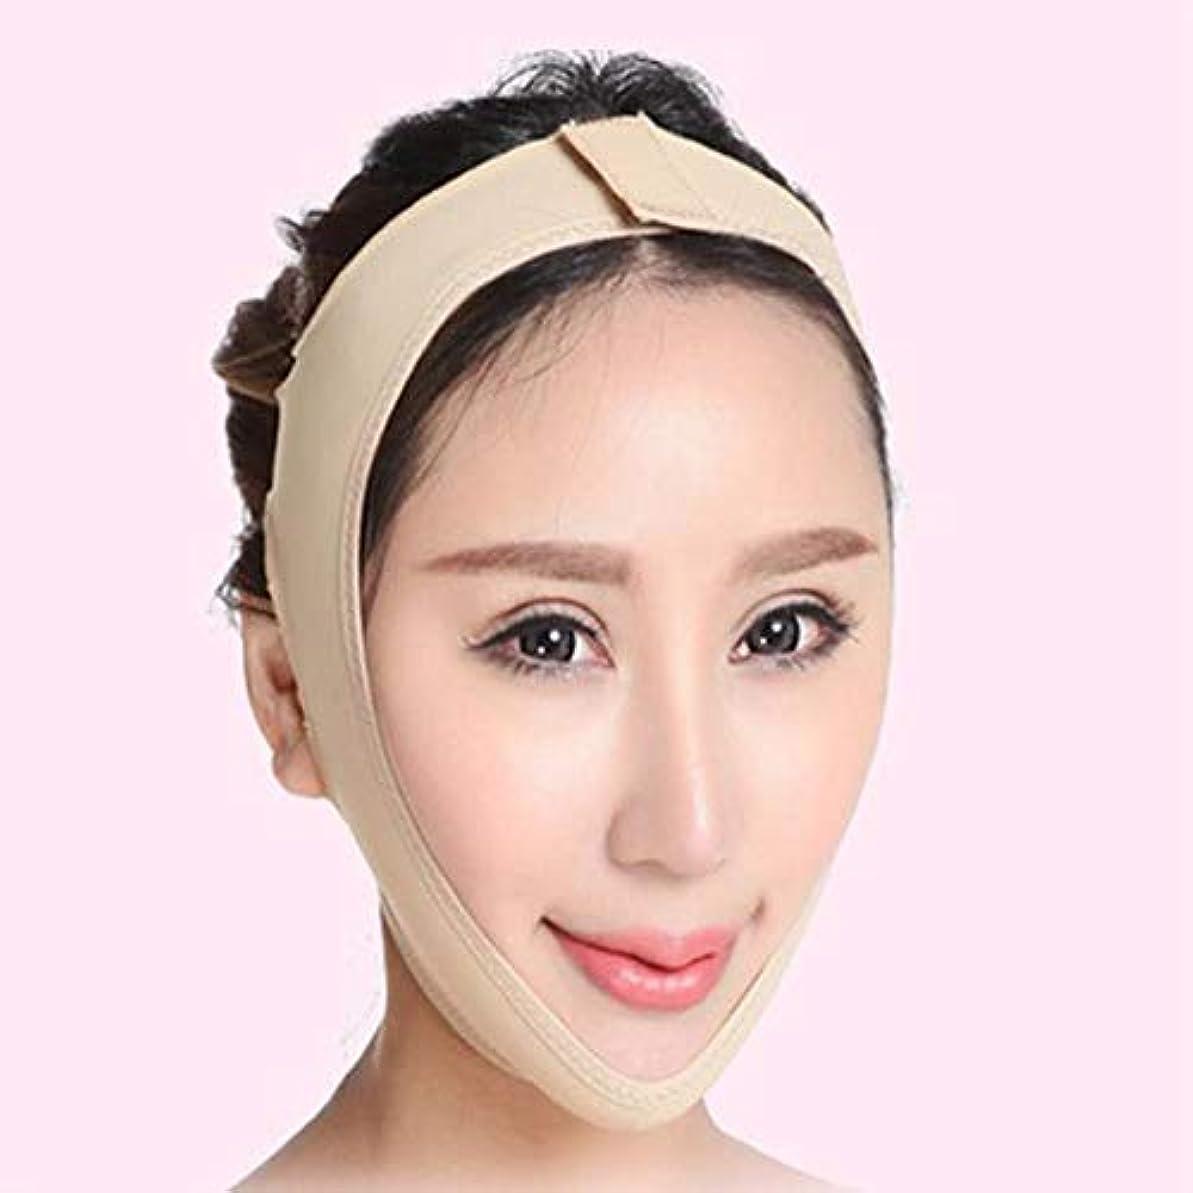 手のひら大胆な矢じりMR 小顔マスク リフトアップ マスク フェイスラインシャープ メンズ レディース Mサイズ MR-AZD15003-M